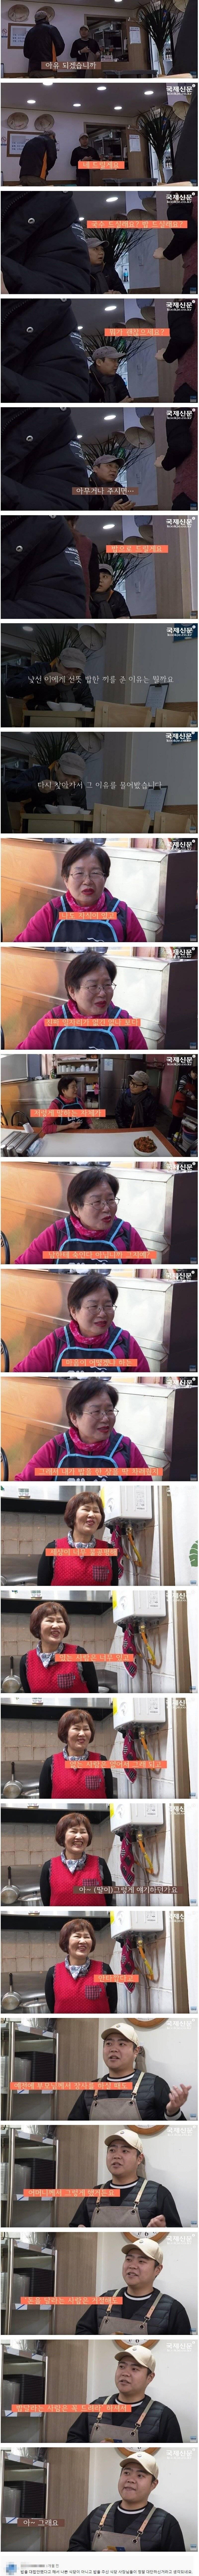 30대 밥구걸 부산 식당 반응...jpg | 인스티즈